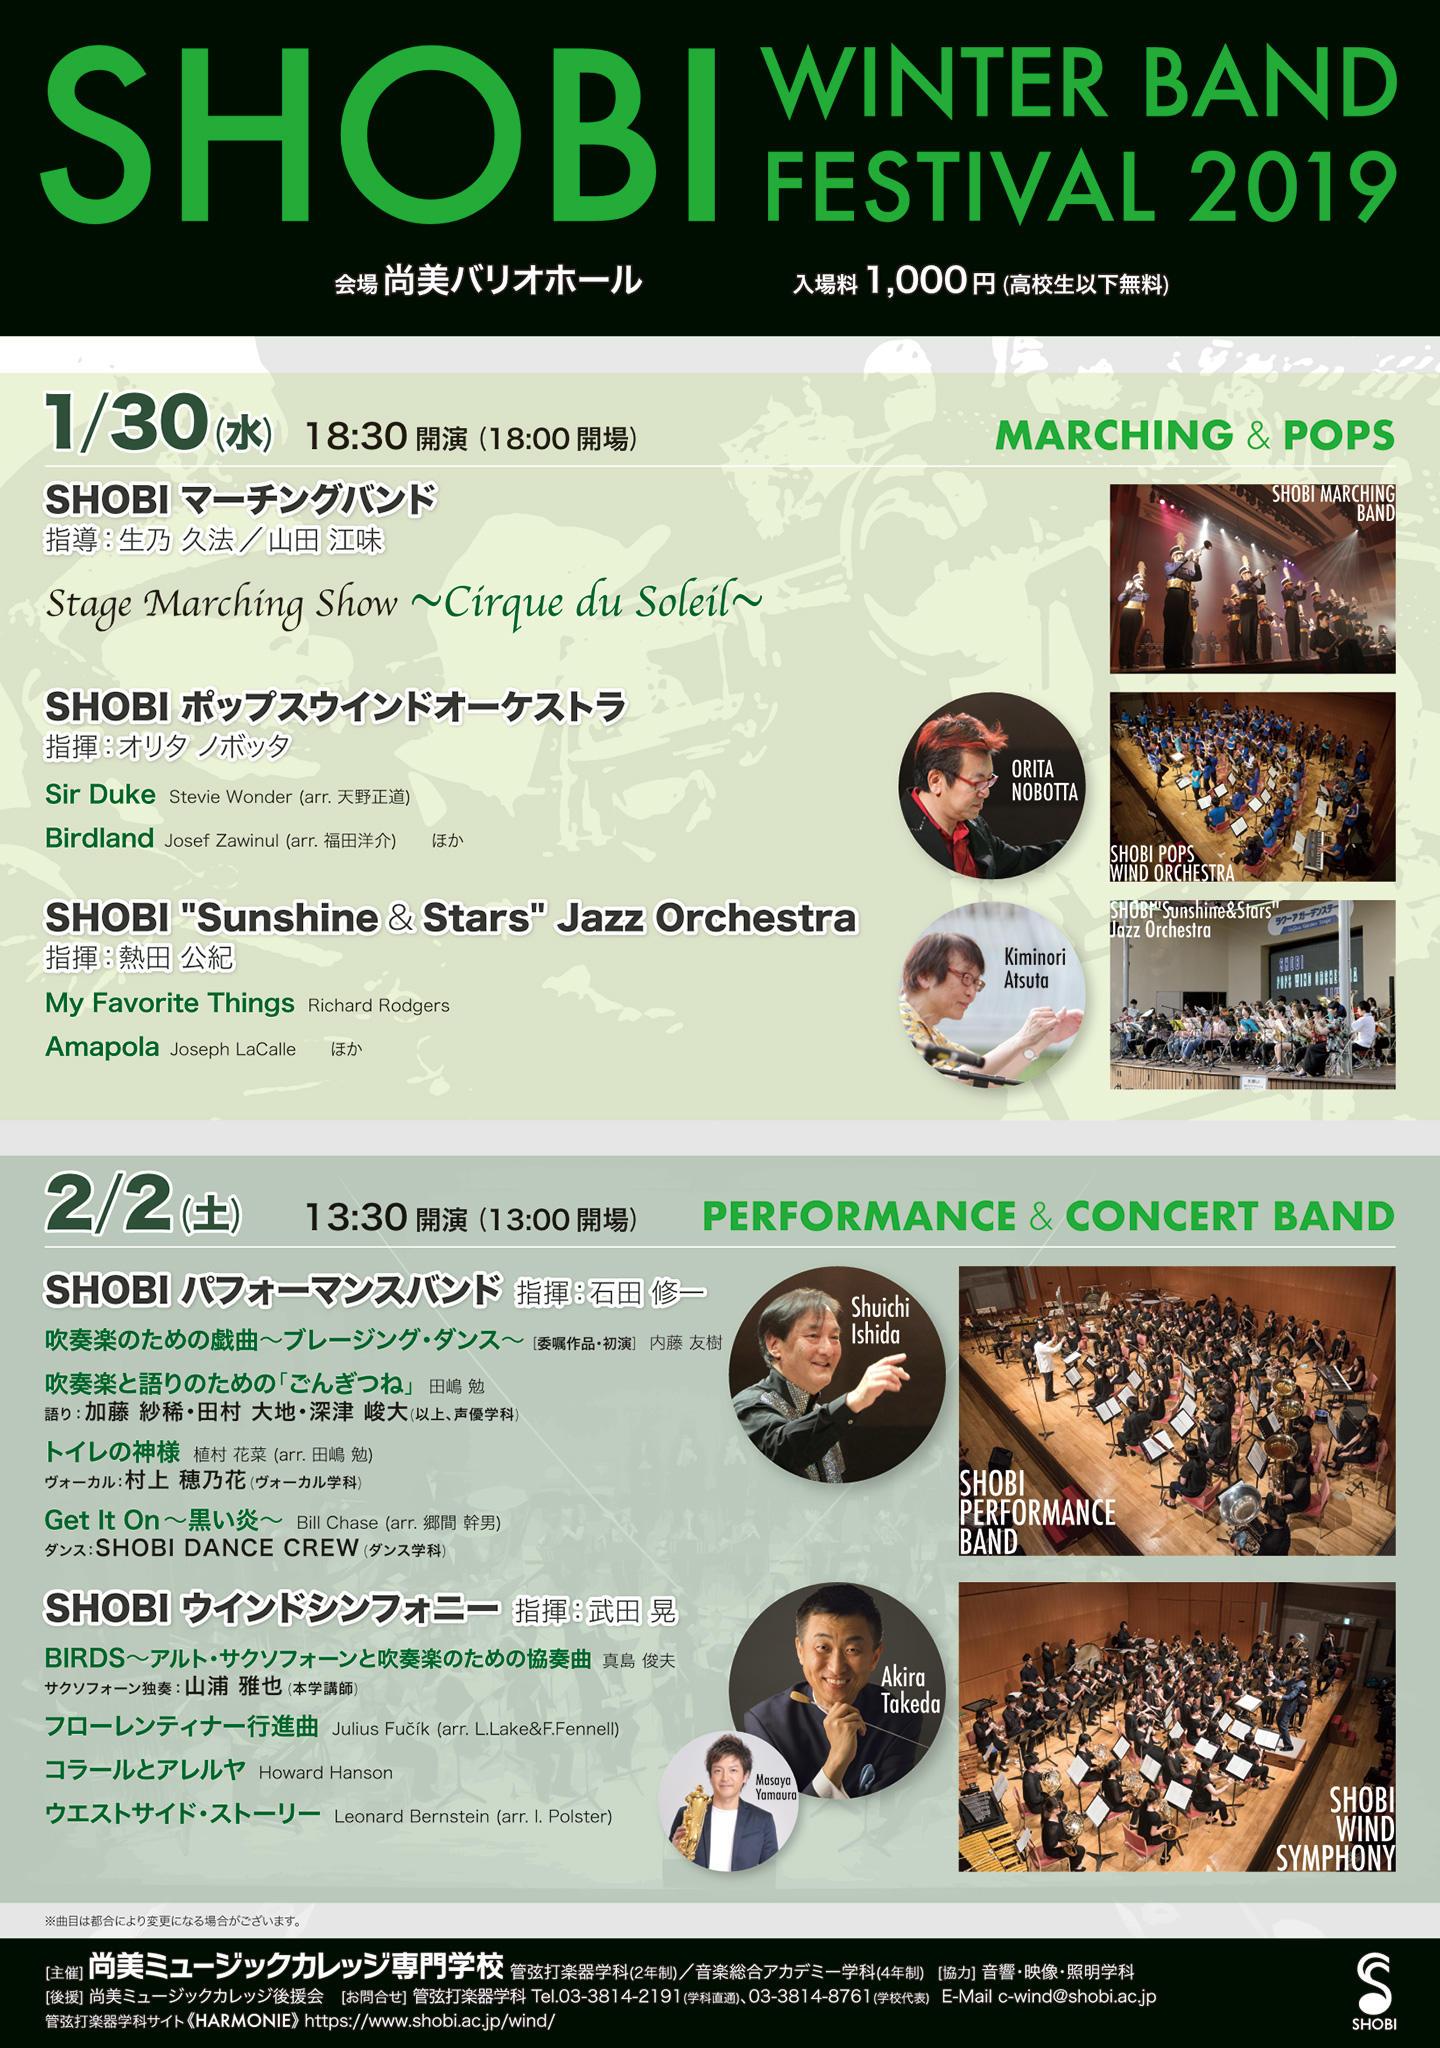 https://www.shobi.ac.jp/event/20190130-0202_wo_swbf.jpg